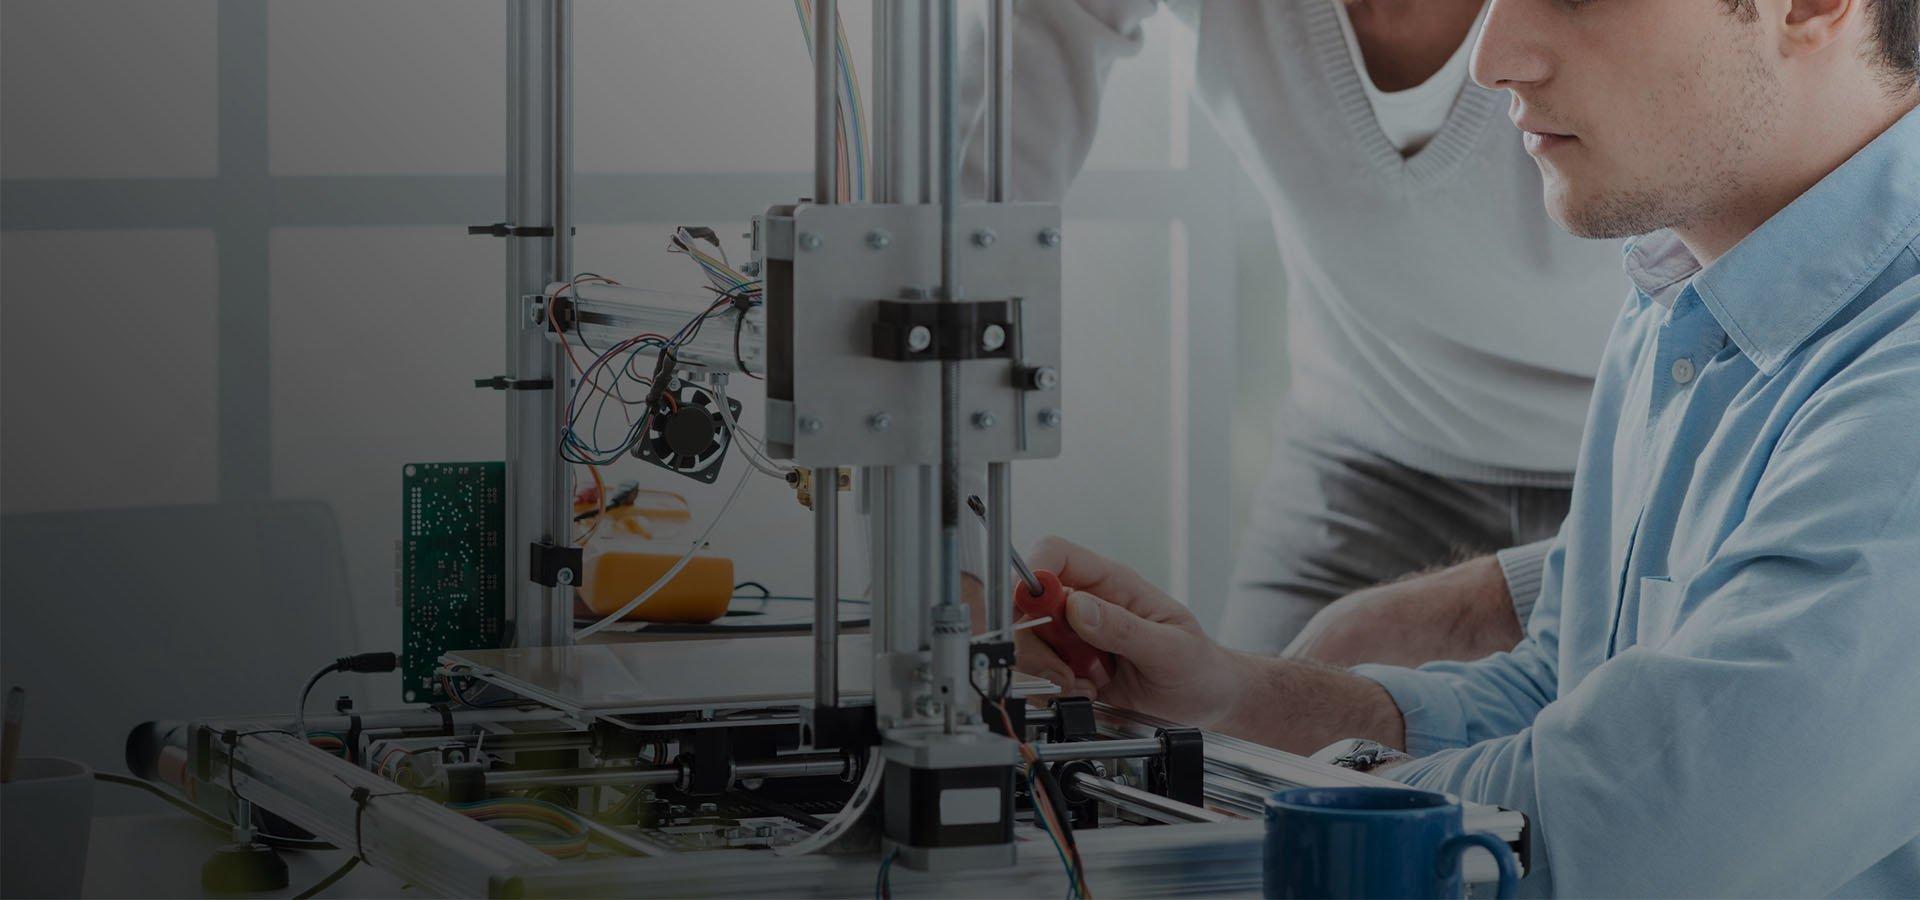 Łączenie biznesu<br>z nauką